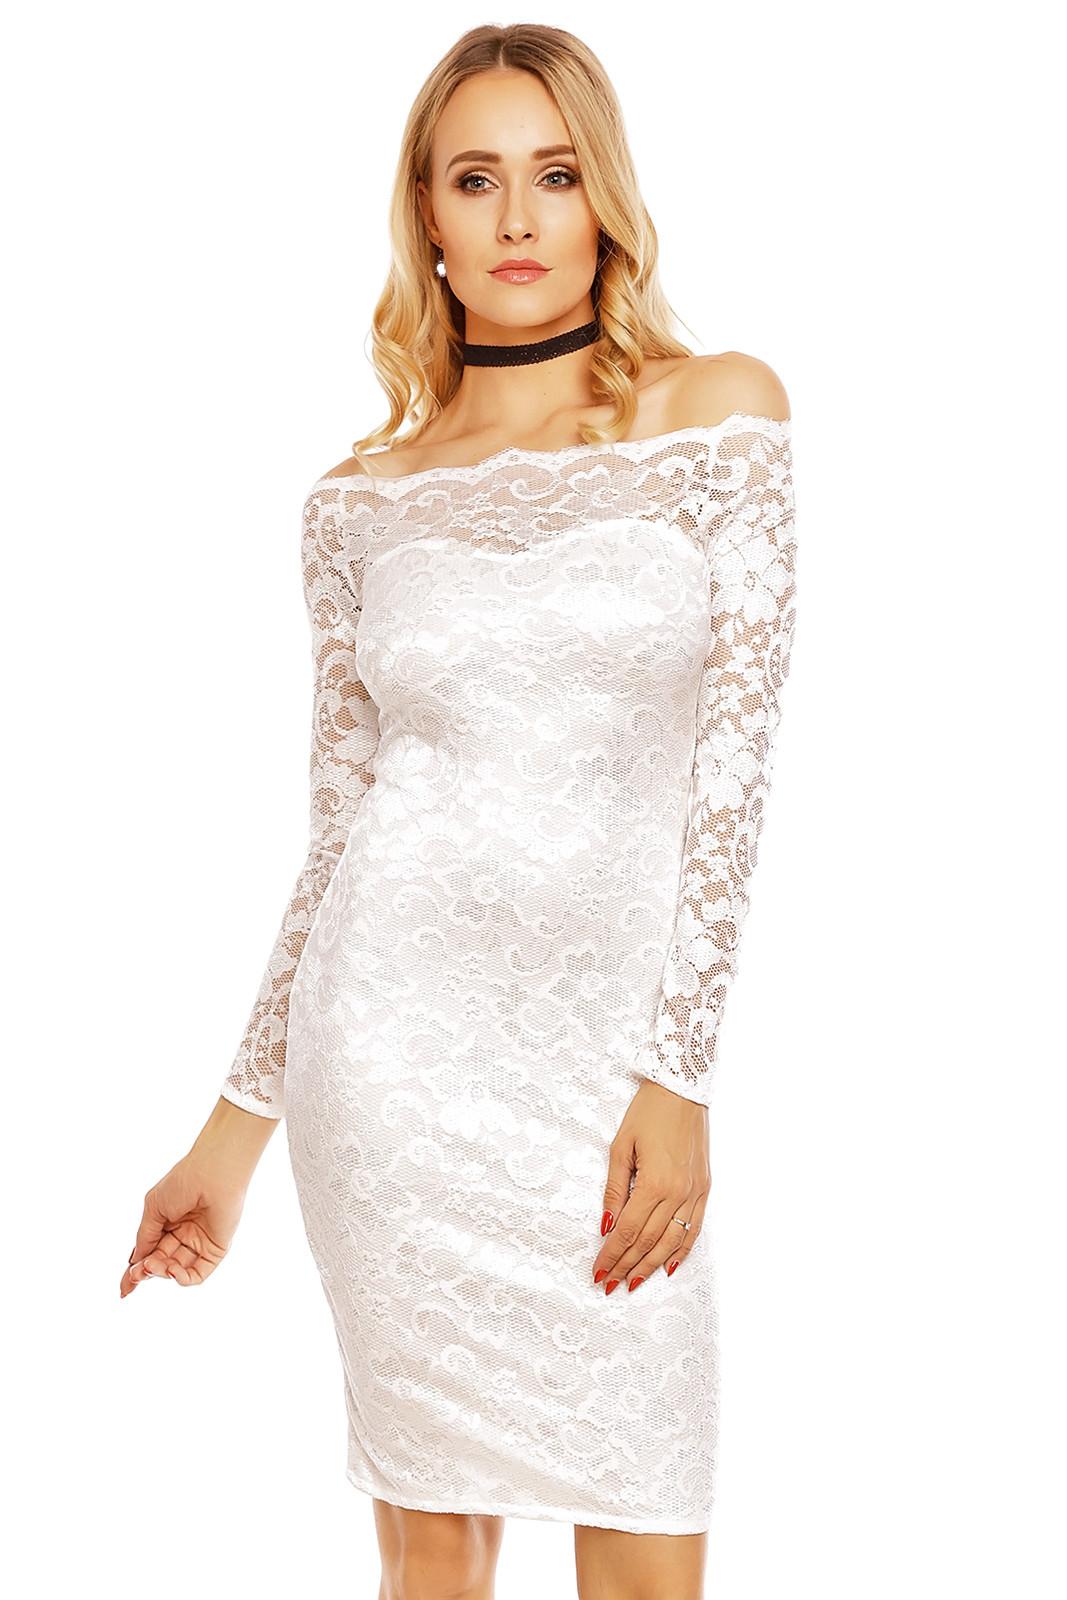 75d88c3eecb Dámské společenské šaty MAYAADI krajkové s dlouhým rukávem krátké bílé